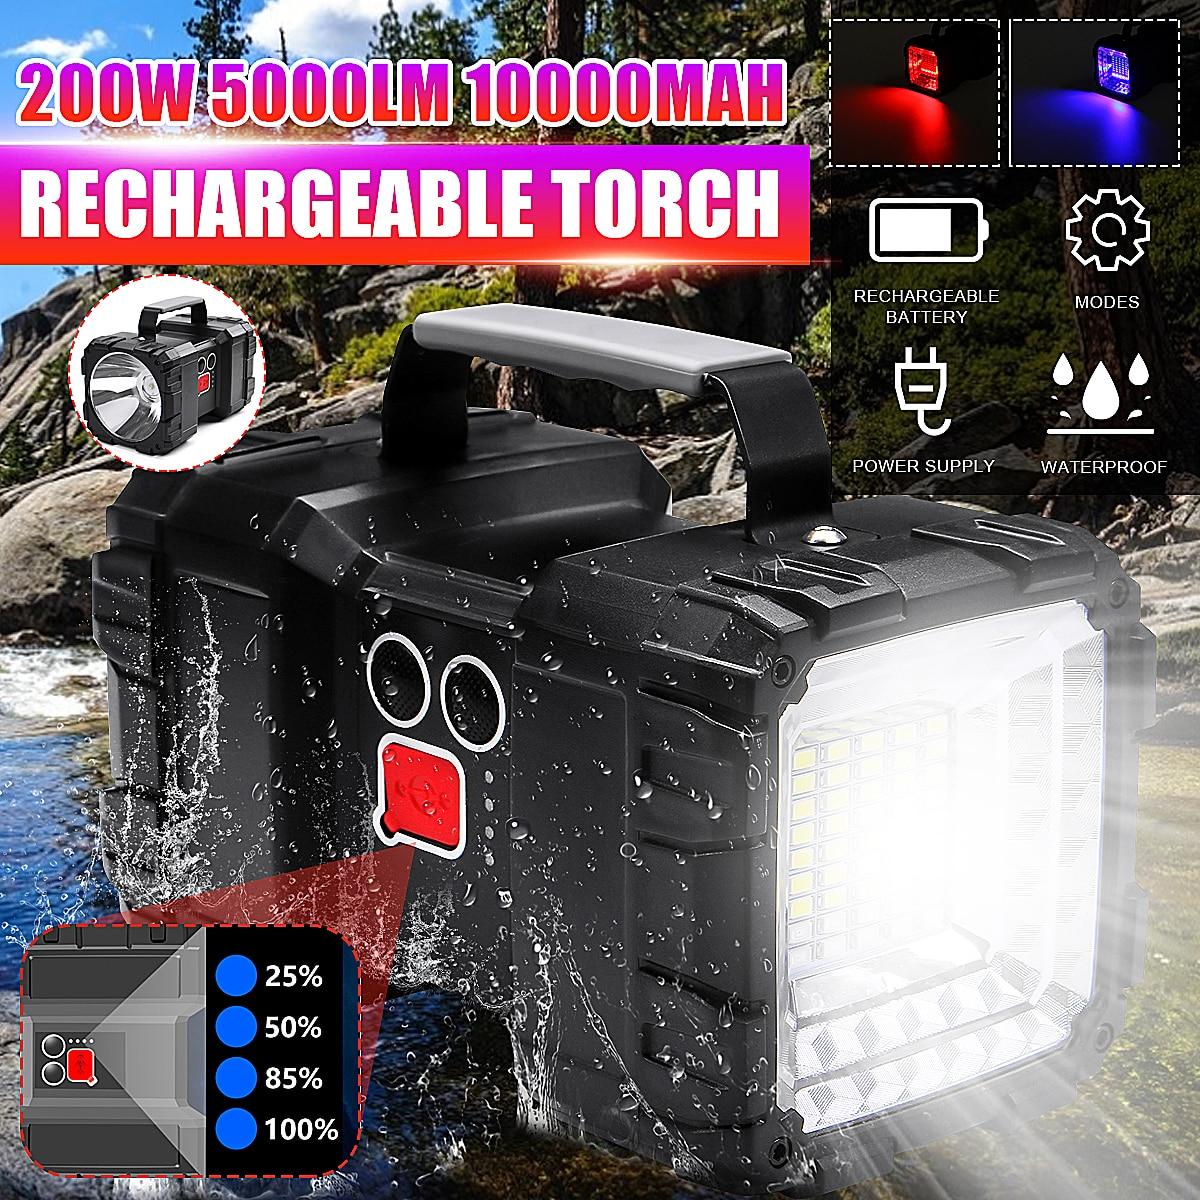 5000LM Super luminoso Potente USB HA CONDOTTO LA torcia elettrica di Ricerca torce lampada della luce di notte di Campeggio a mano lanterna batteria ricaricabile